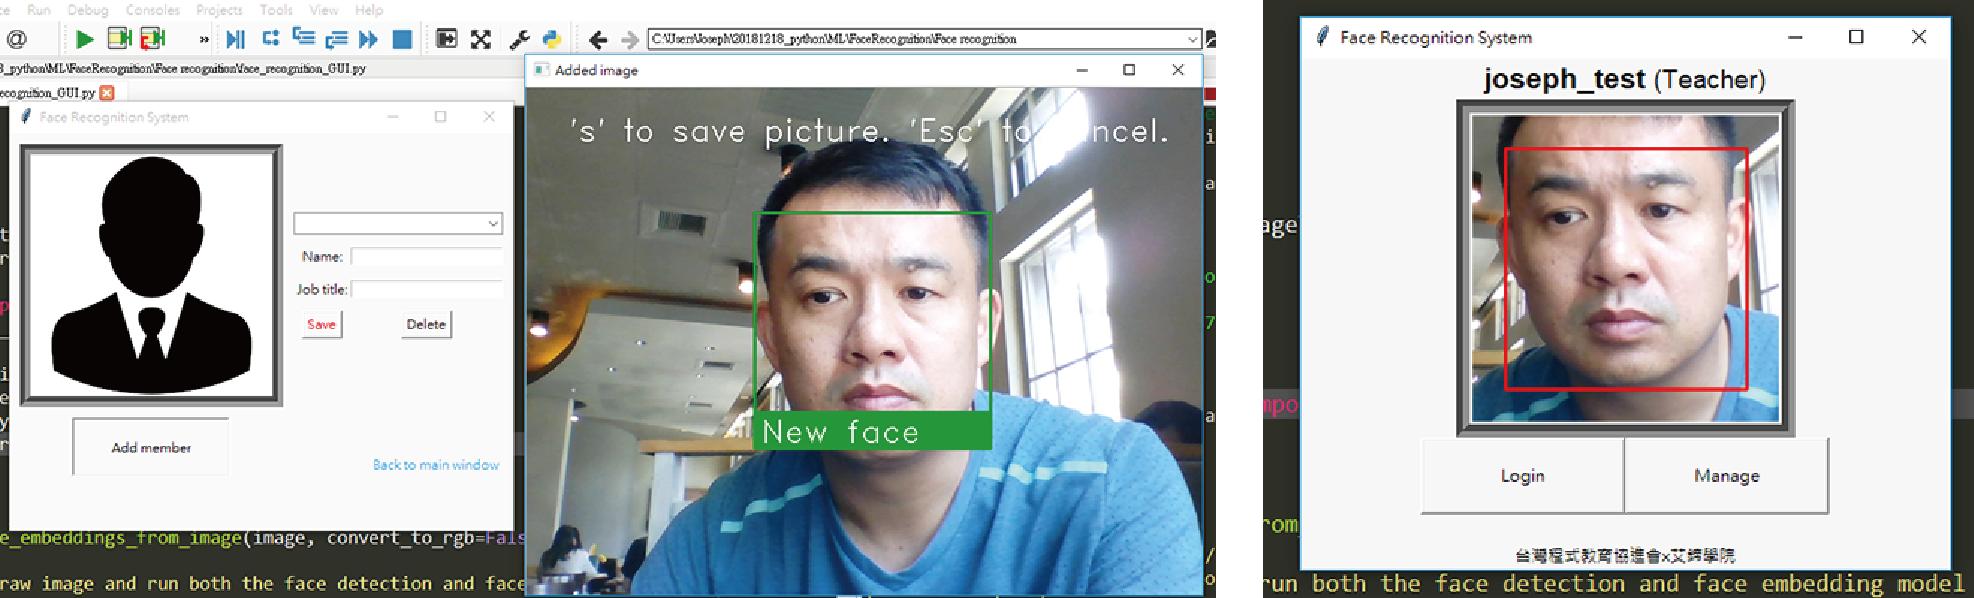 人臉門禁系統(使用Tkinter界面): 加入/刪除/登入人臉帳號